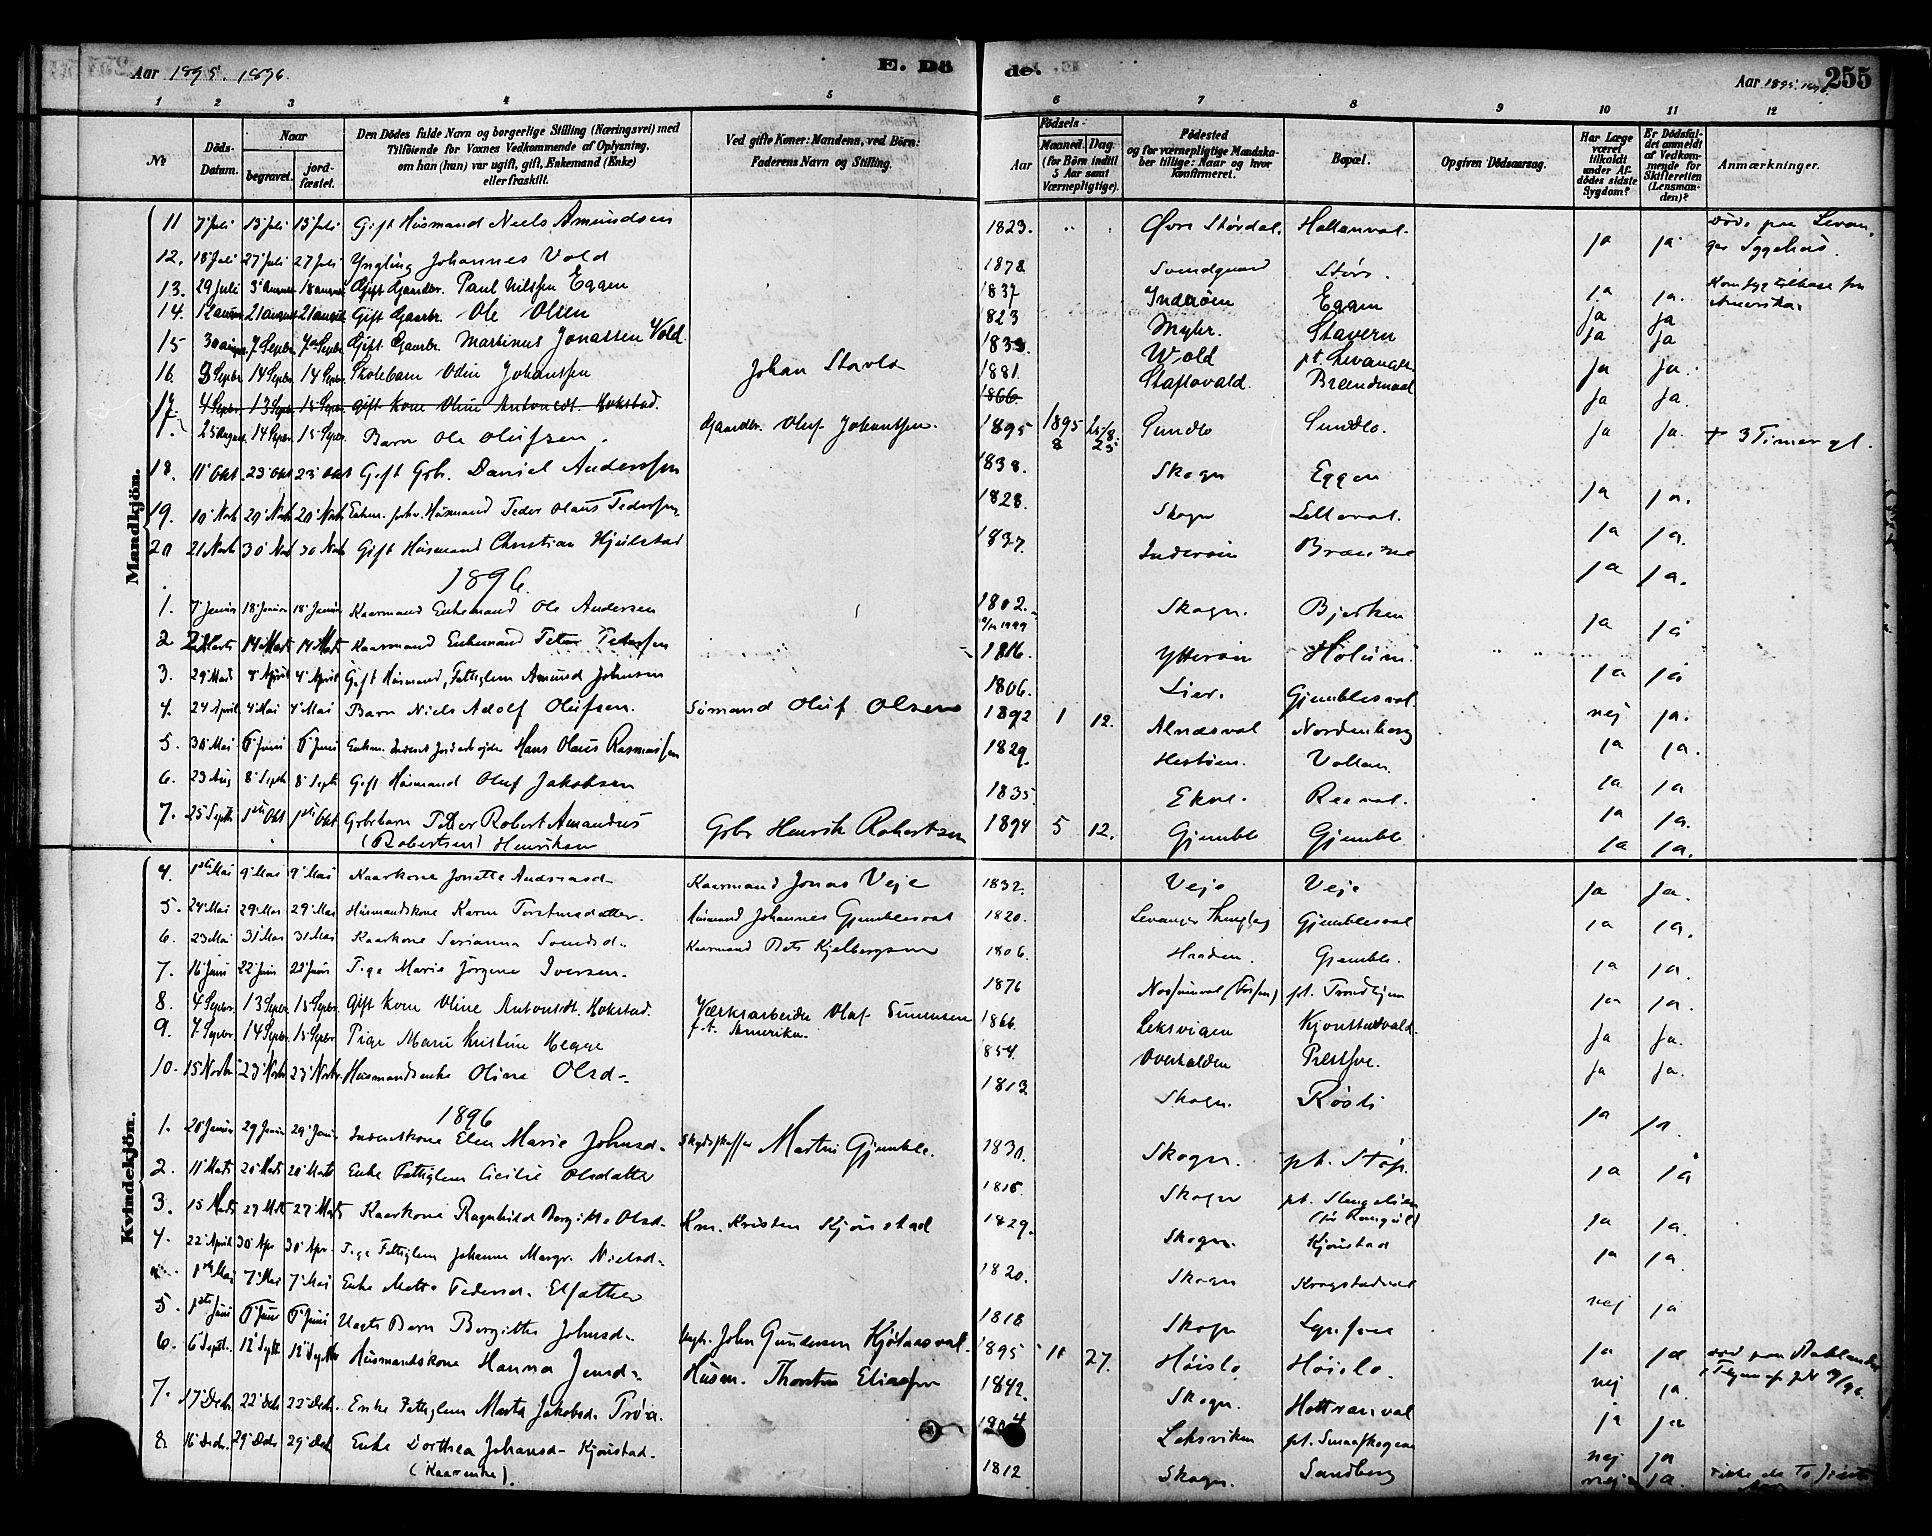 SAT, Ministerialprotokoller, klokkerbøker og fødselsregistre - Nord-Trøndelag, 717/L0159: Ministerialbok nr. 717A09, 1878-1898, s. 255